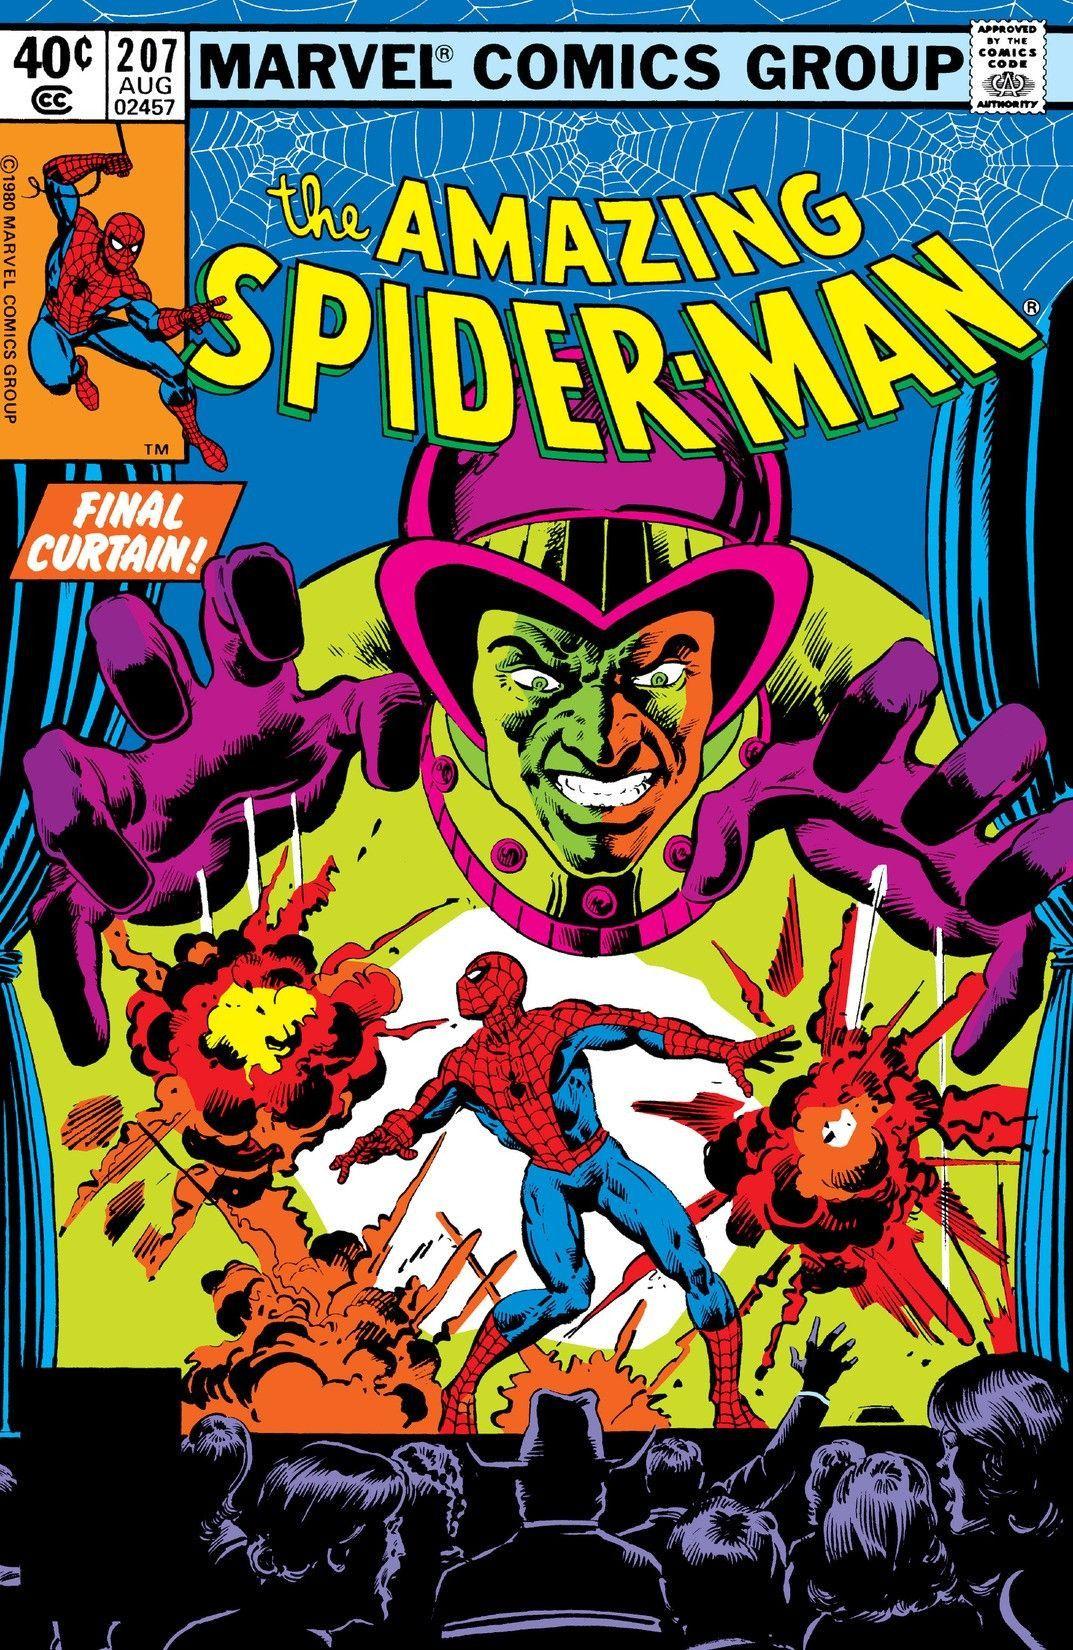 Amazing Spider Man Vol 1 207 Amazing Spider Amazing Spiderman Marvel Comics Covers